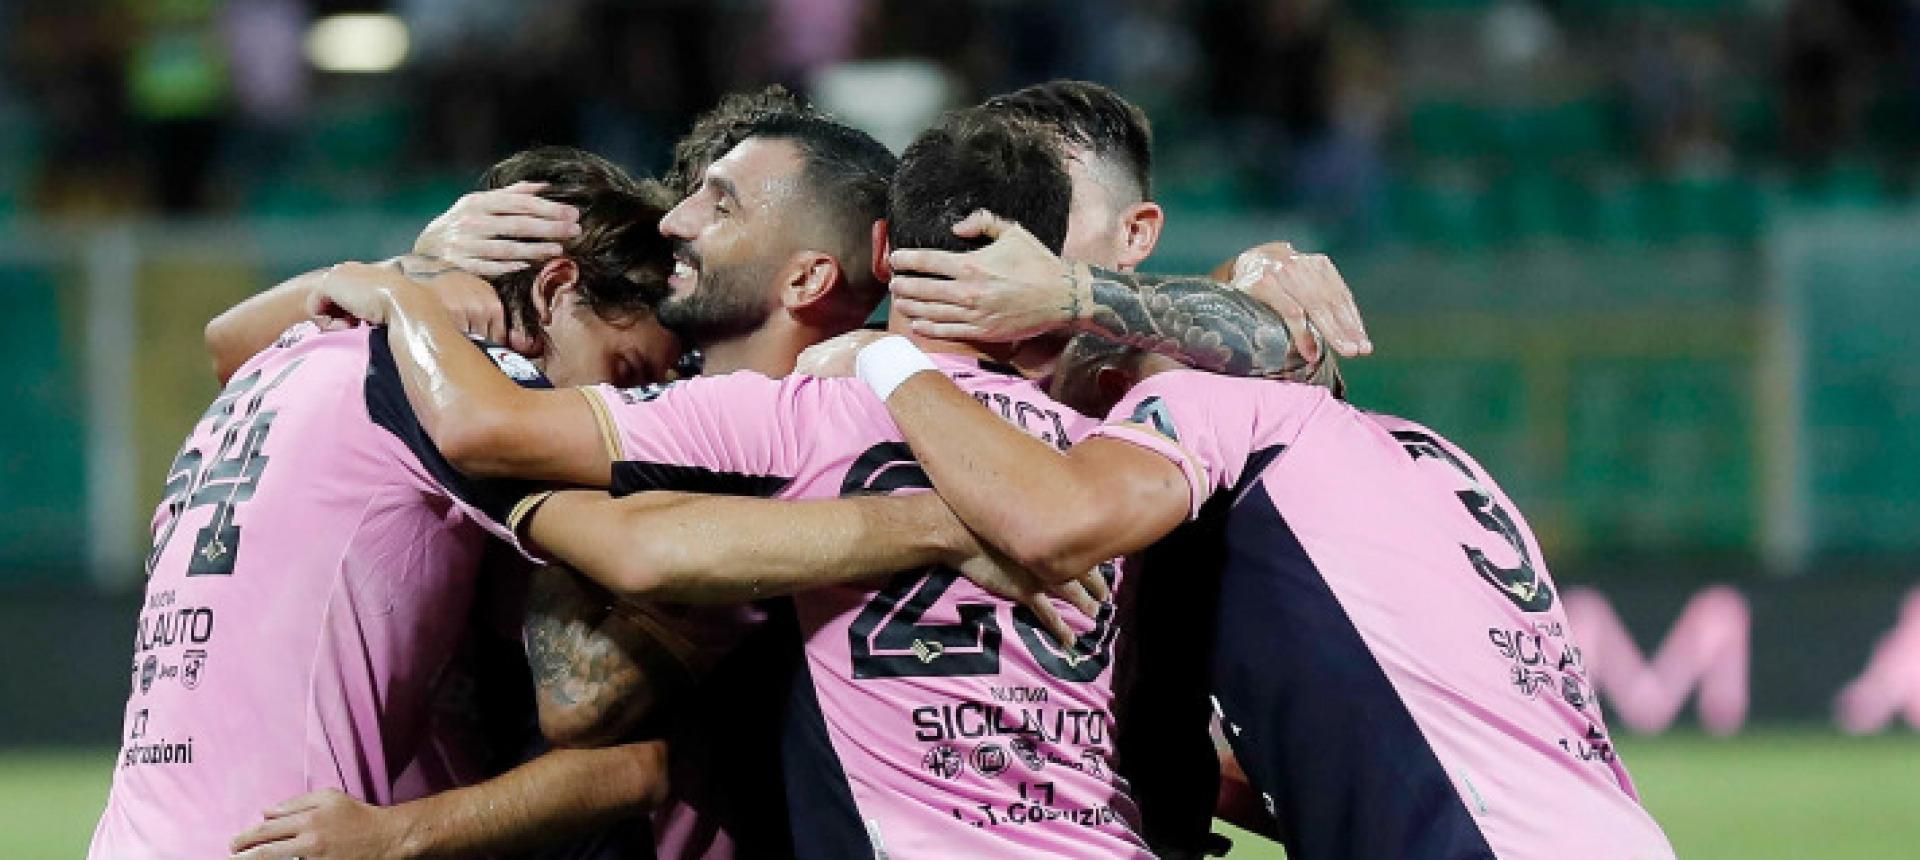 ACR Messina-Palermo: le formazioni ufficiali